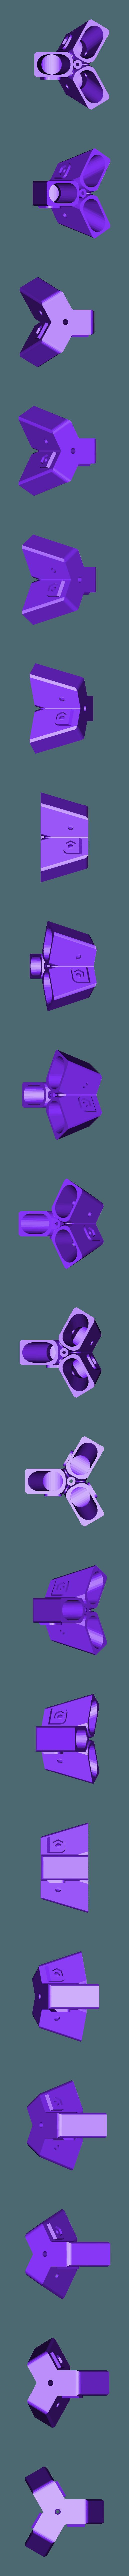 soporte_central_de_tripode_economico.stl Télécharger fichier STL gratuit Trépied générique • Design à imprimer en 3D, raulrrojas